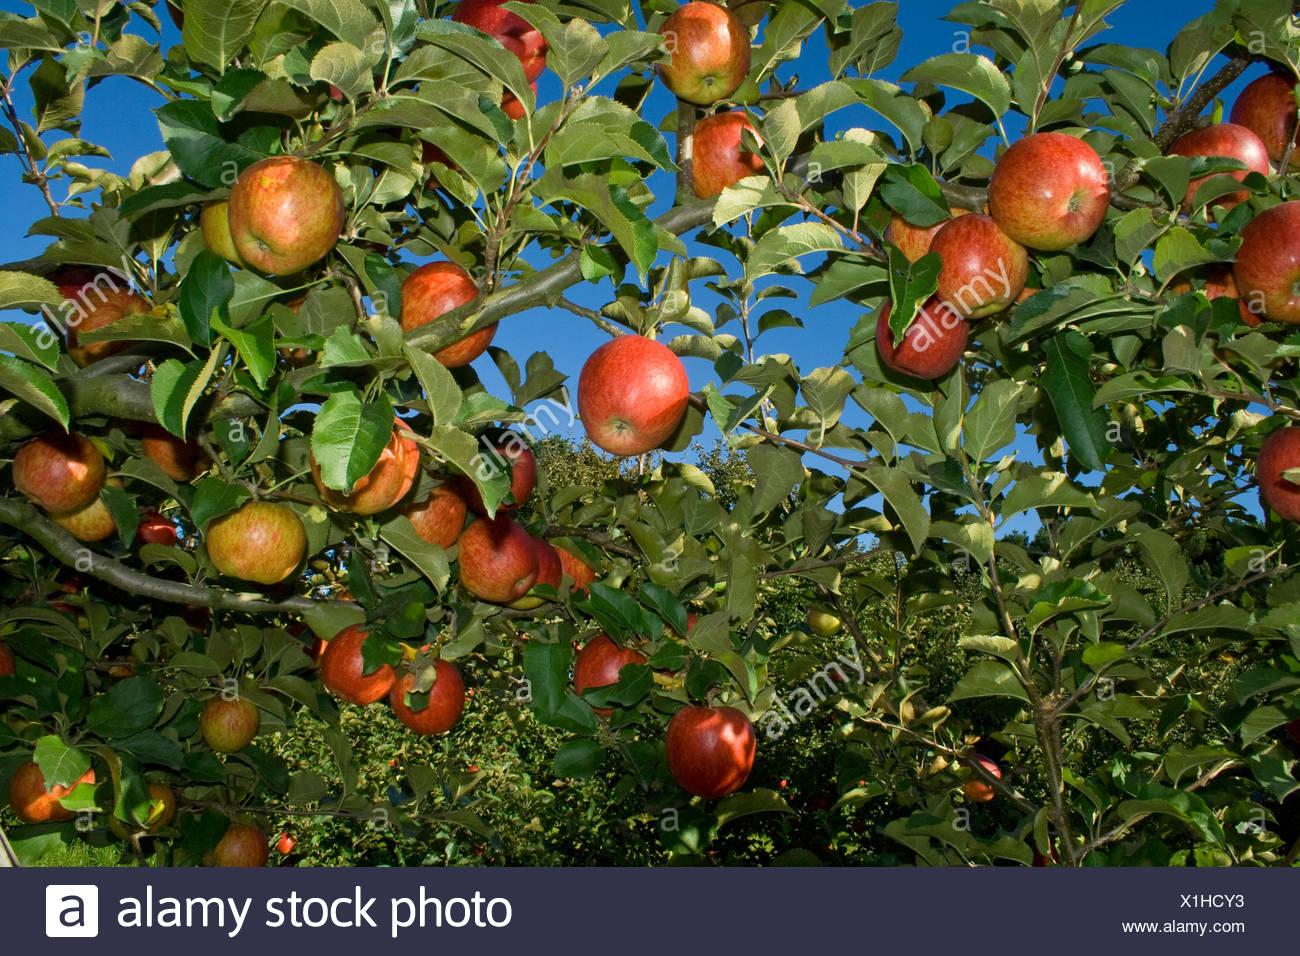 Landwirtschaft - Reife, Ernte bereit Jonagold Äpfel auf dem Baum / Fortuna, Kalifornien, USA. Stockbild